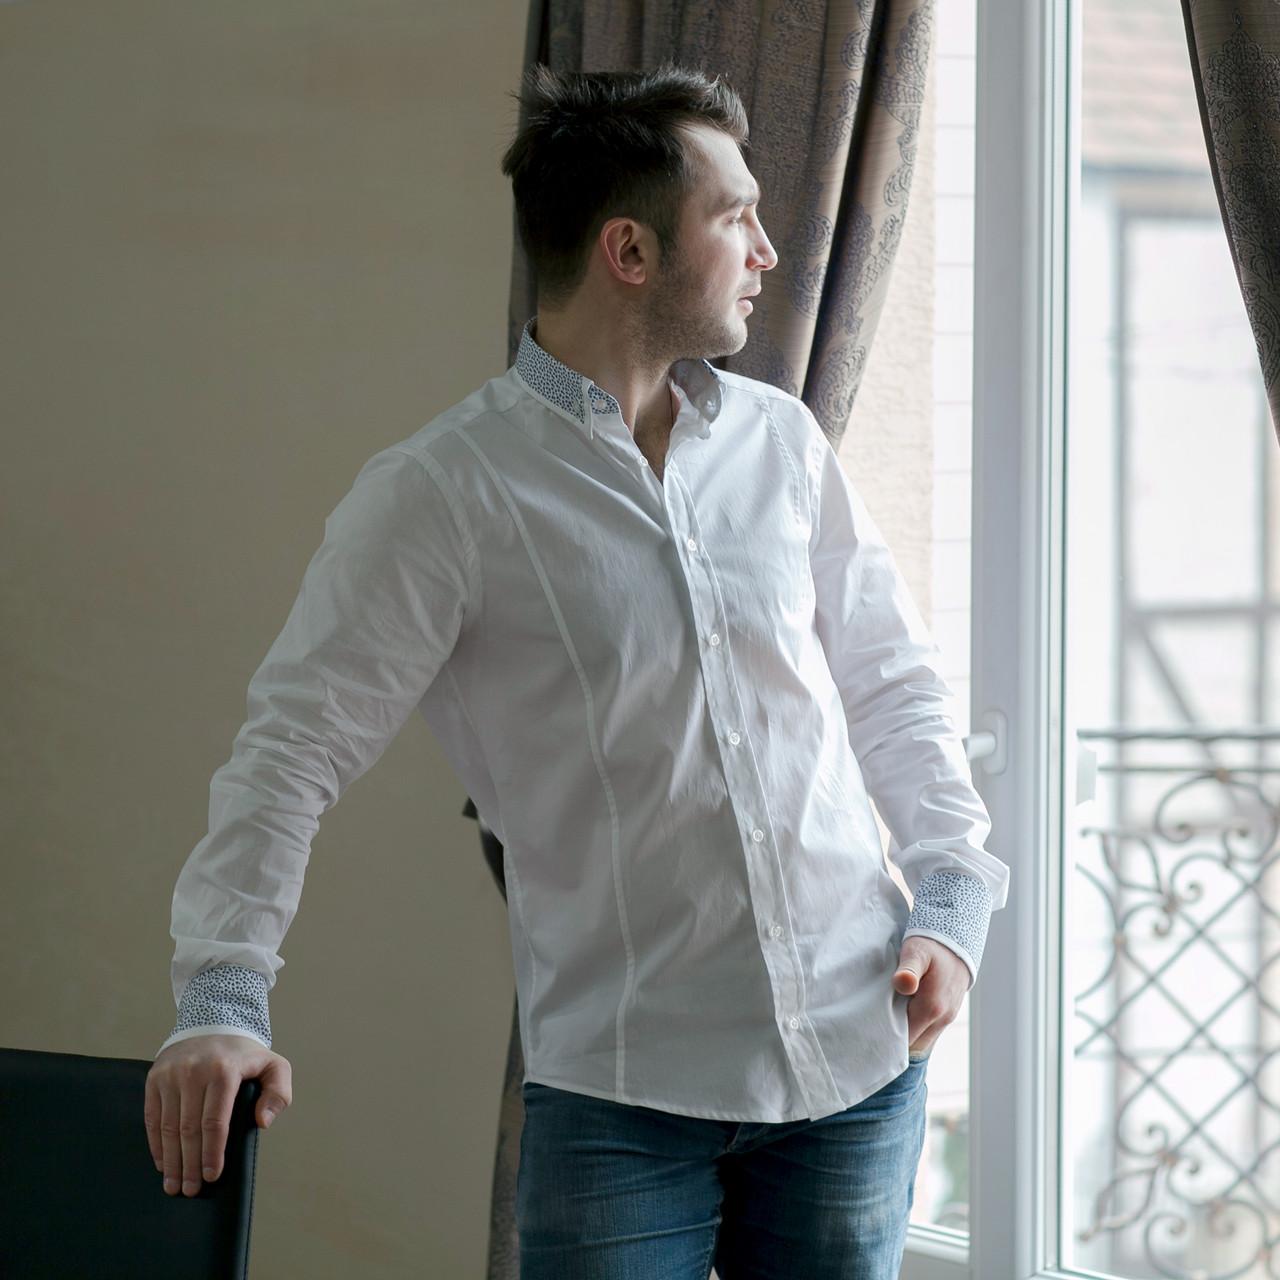 fbc9e9db8684ec2 Стильная мужская рубашка белого цвета с двойным воротником и ...